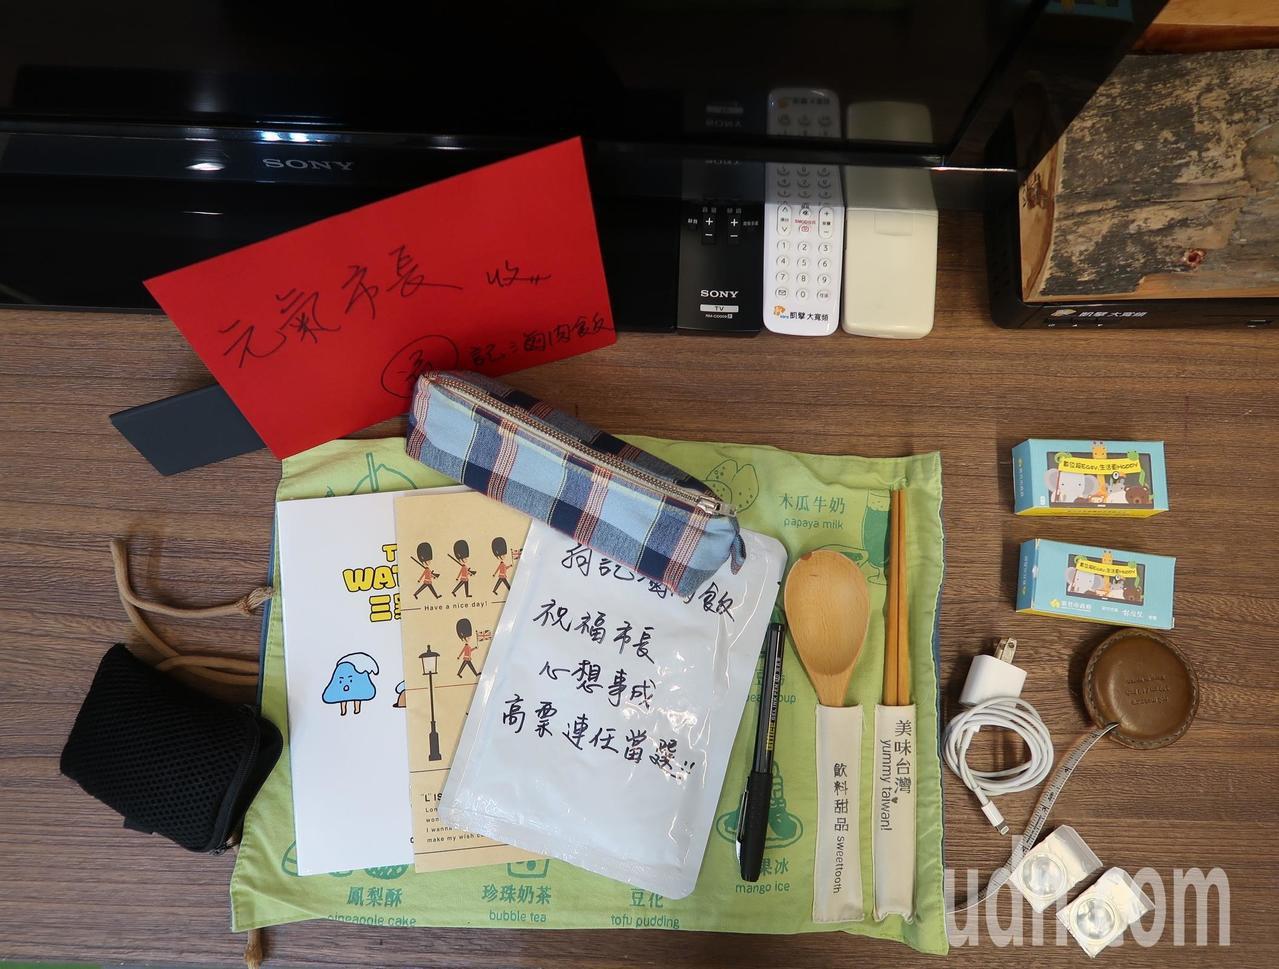 林智堅公事包內,攜帶的物品很簡單。記者郭宣彣/攝影